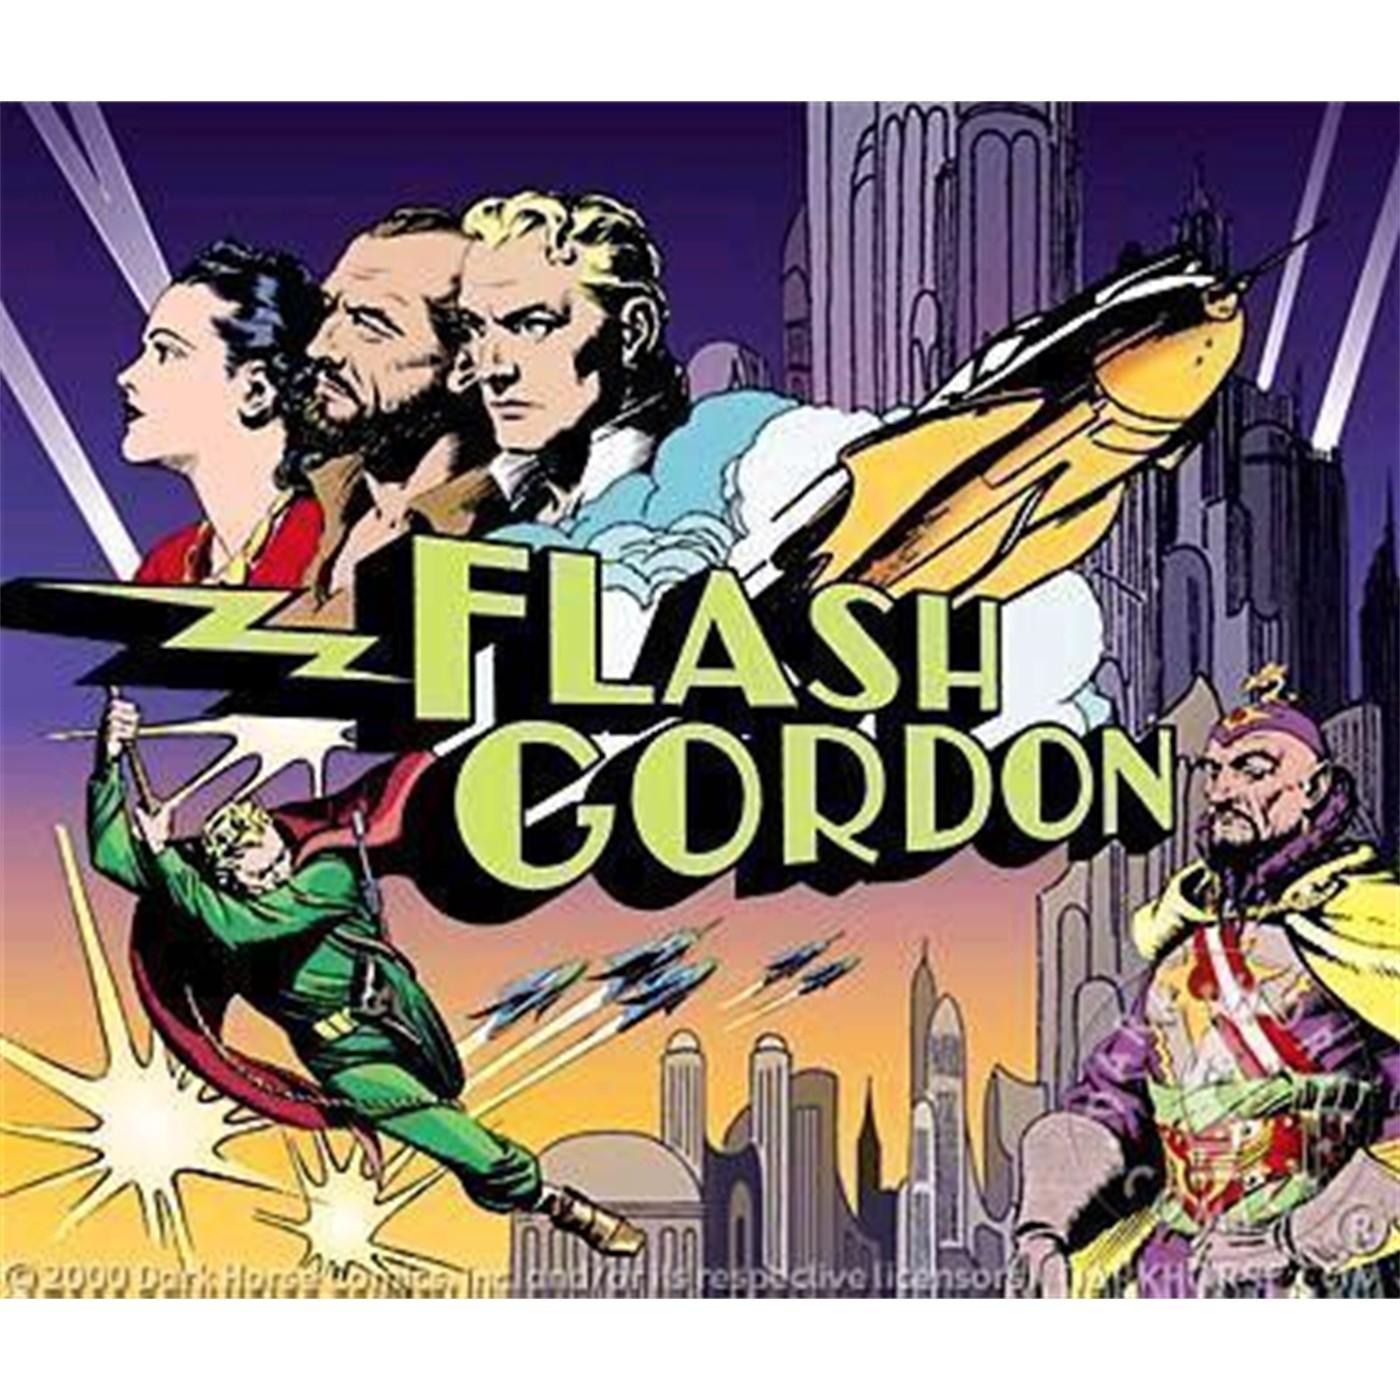 Flash Gordon Lunchbox